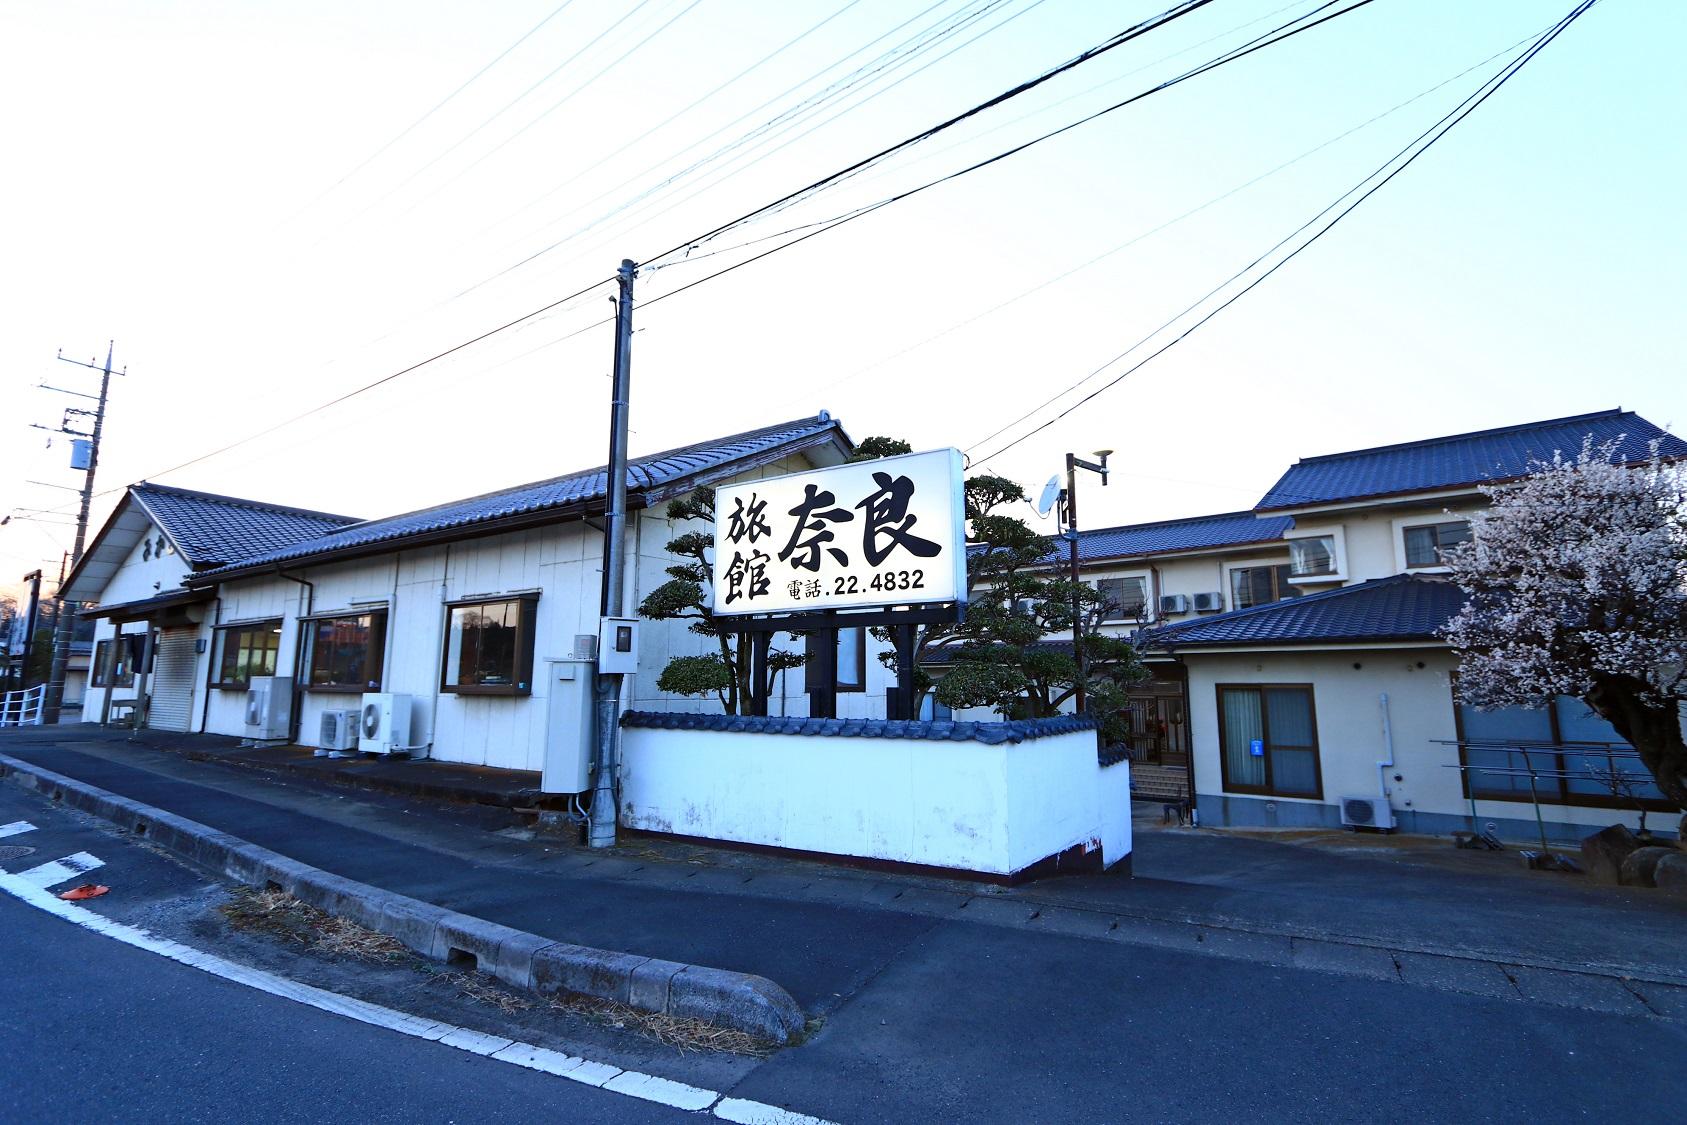 レトロな食堂を営む 奈良旅館